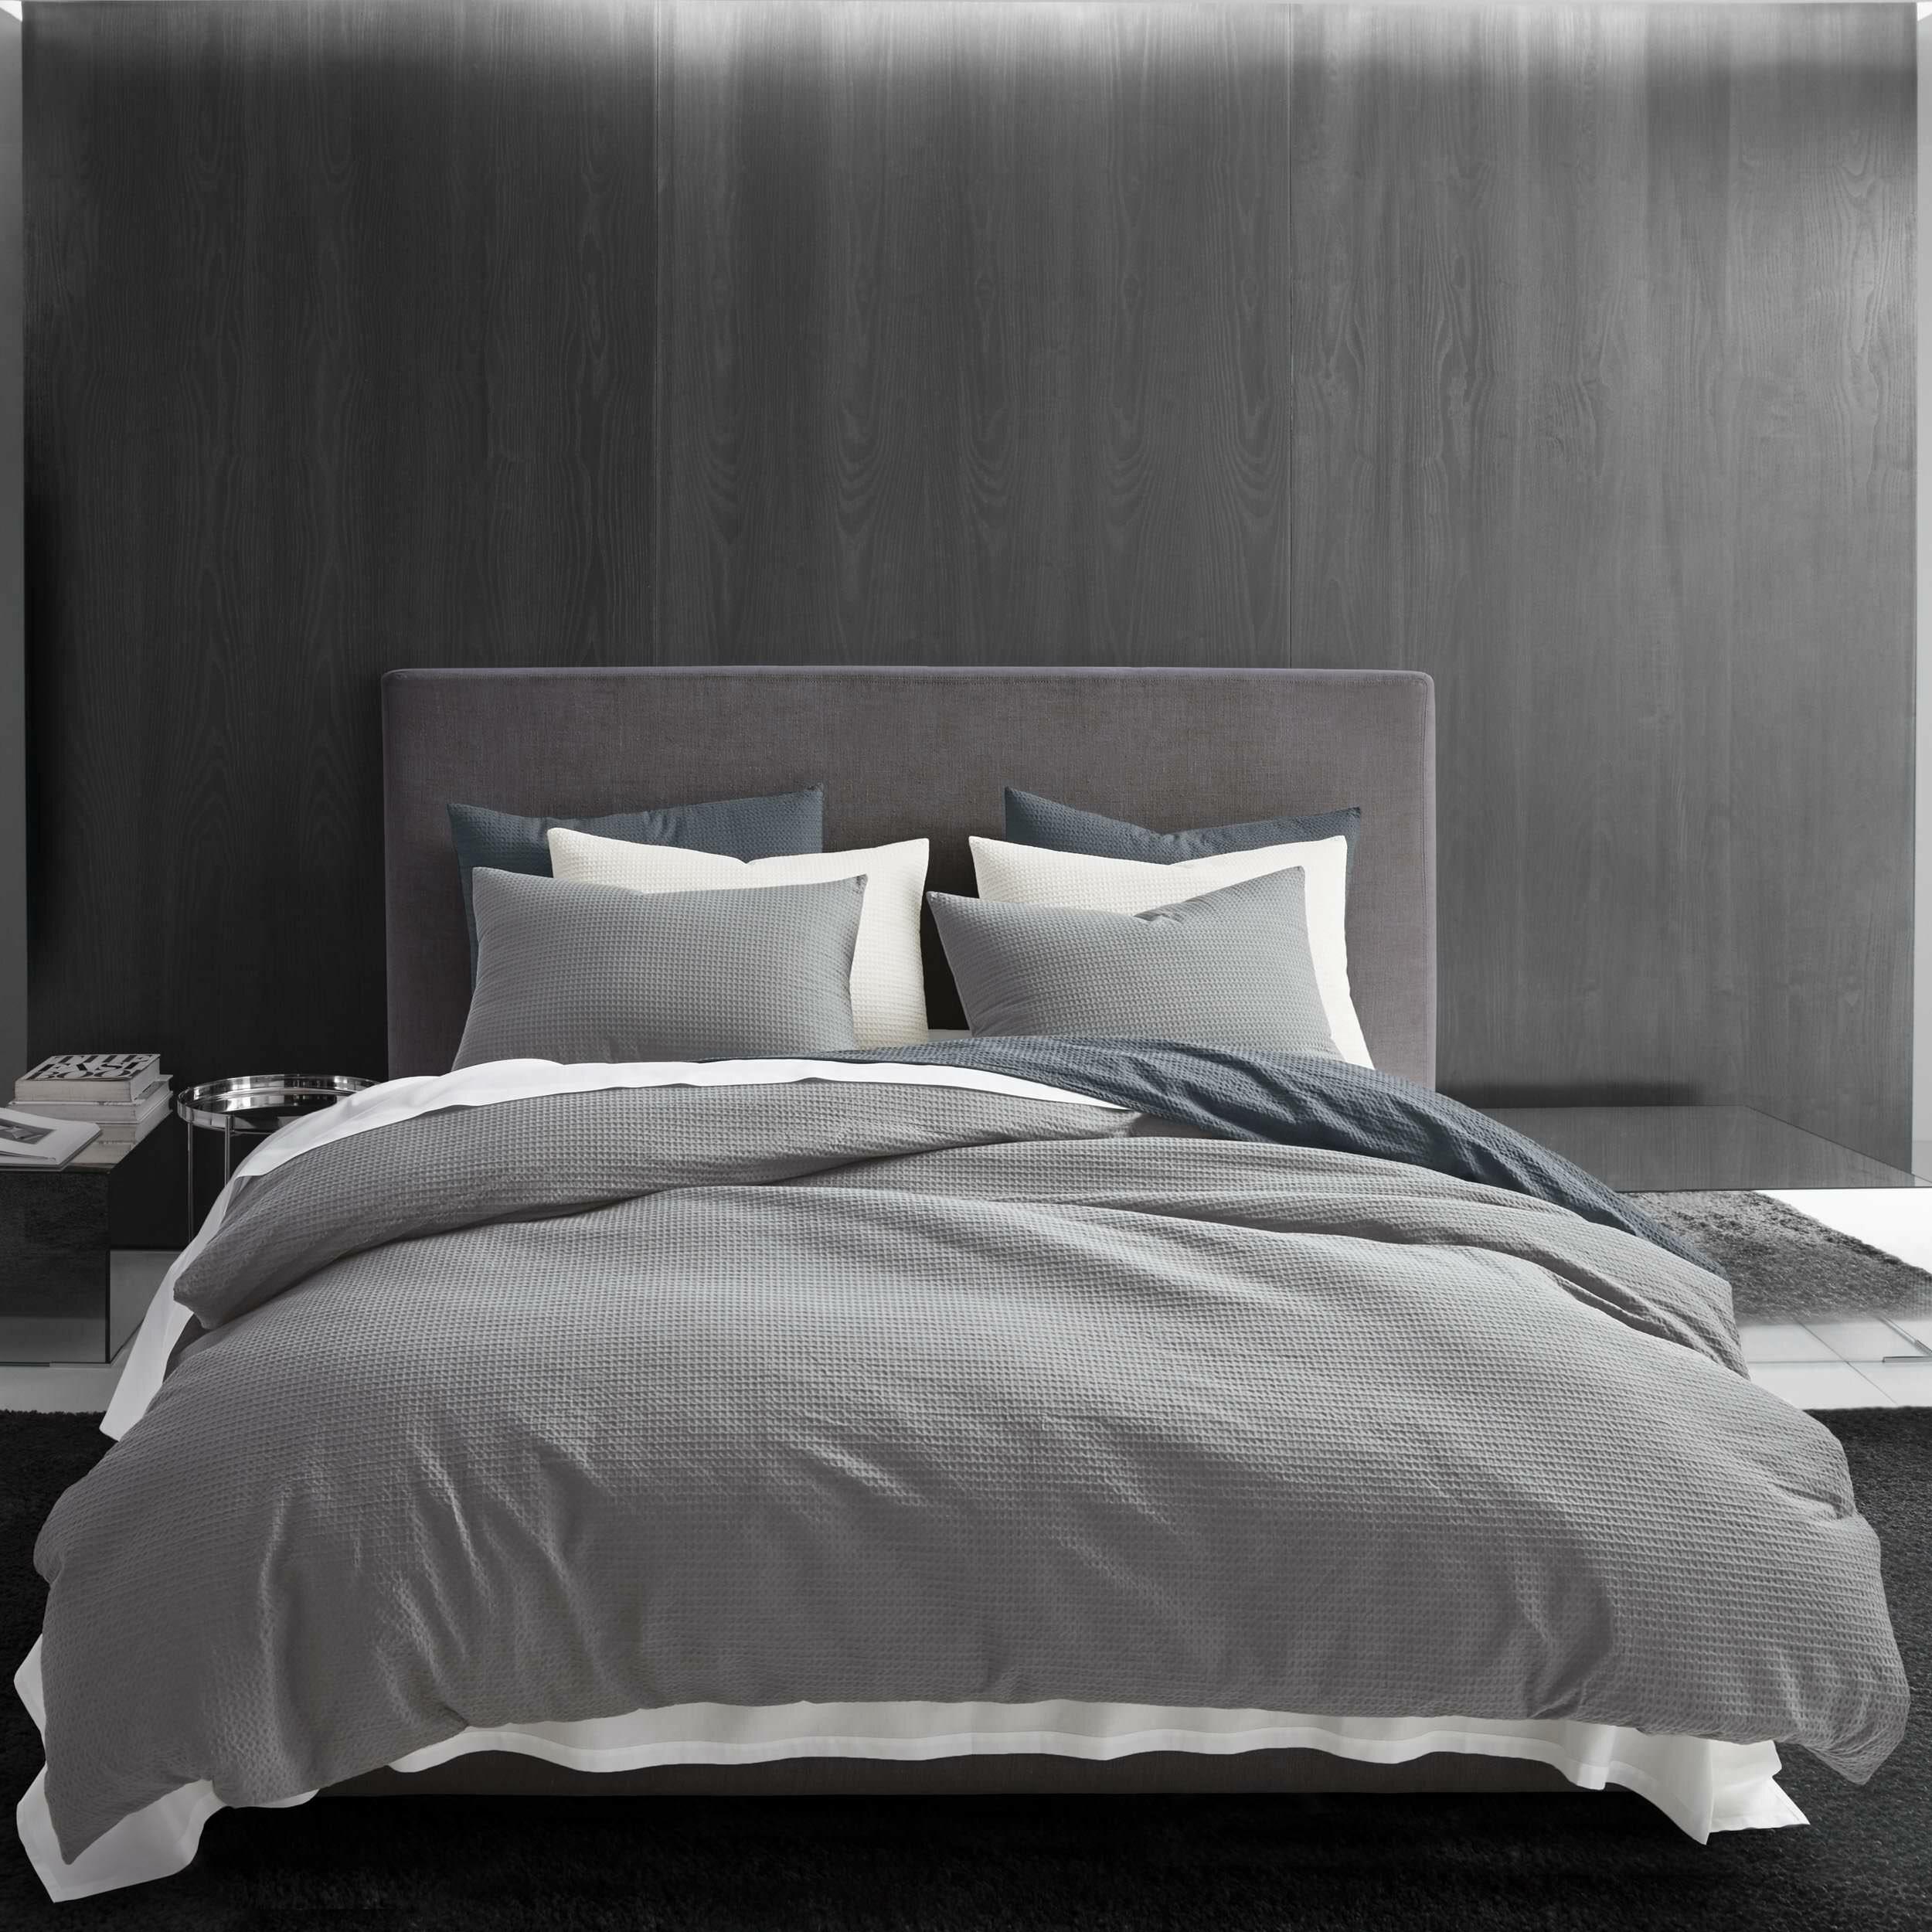 Cotton Rich Reversible Graduated Faded Design Plain Duvet Quilt Cover Bedding